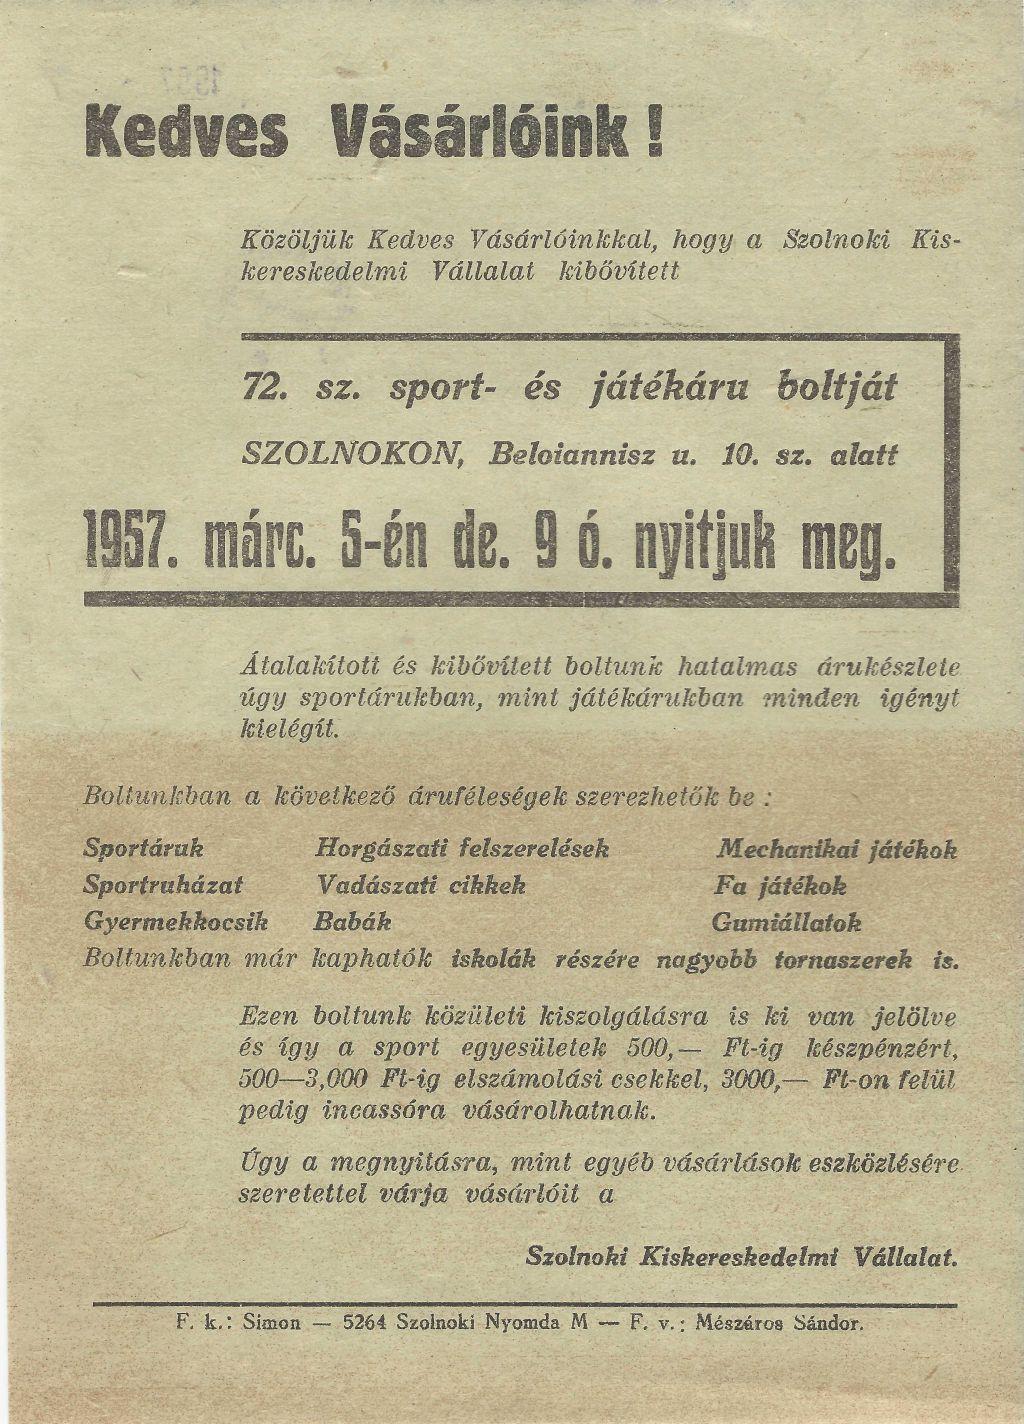 72. sz.sport- és játékáru bolt megnyitása Szolnokon a Beloiannisz u. 10. sz. alatt, 1957. március 15-én